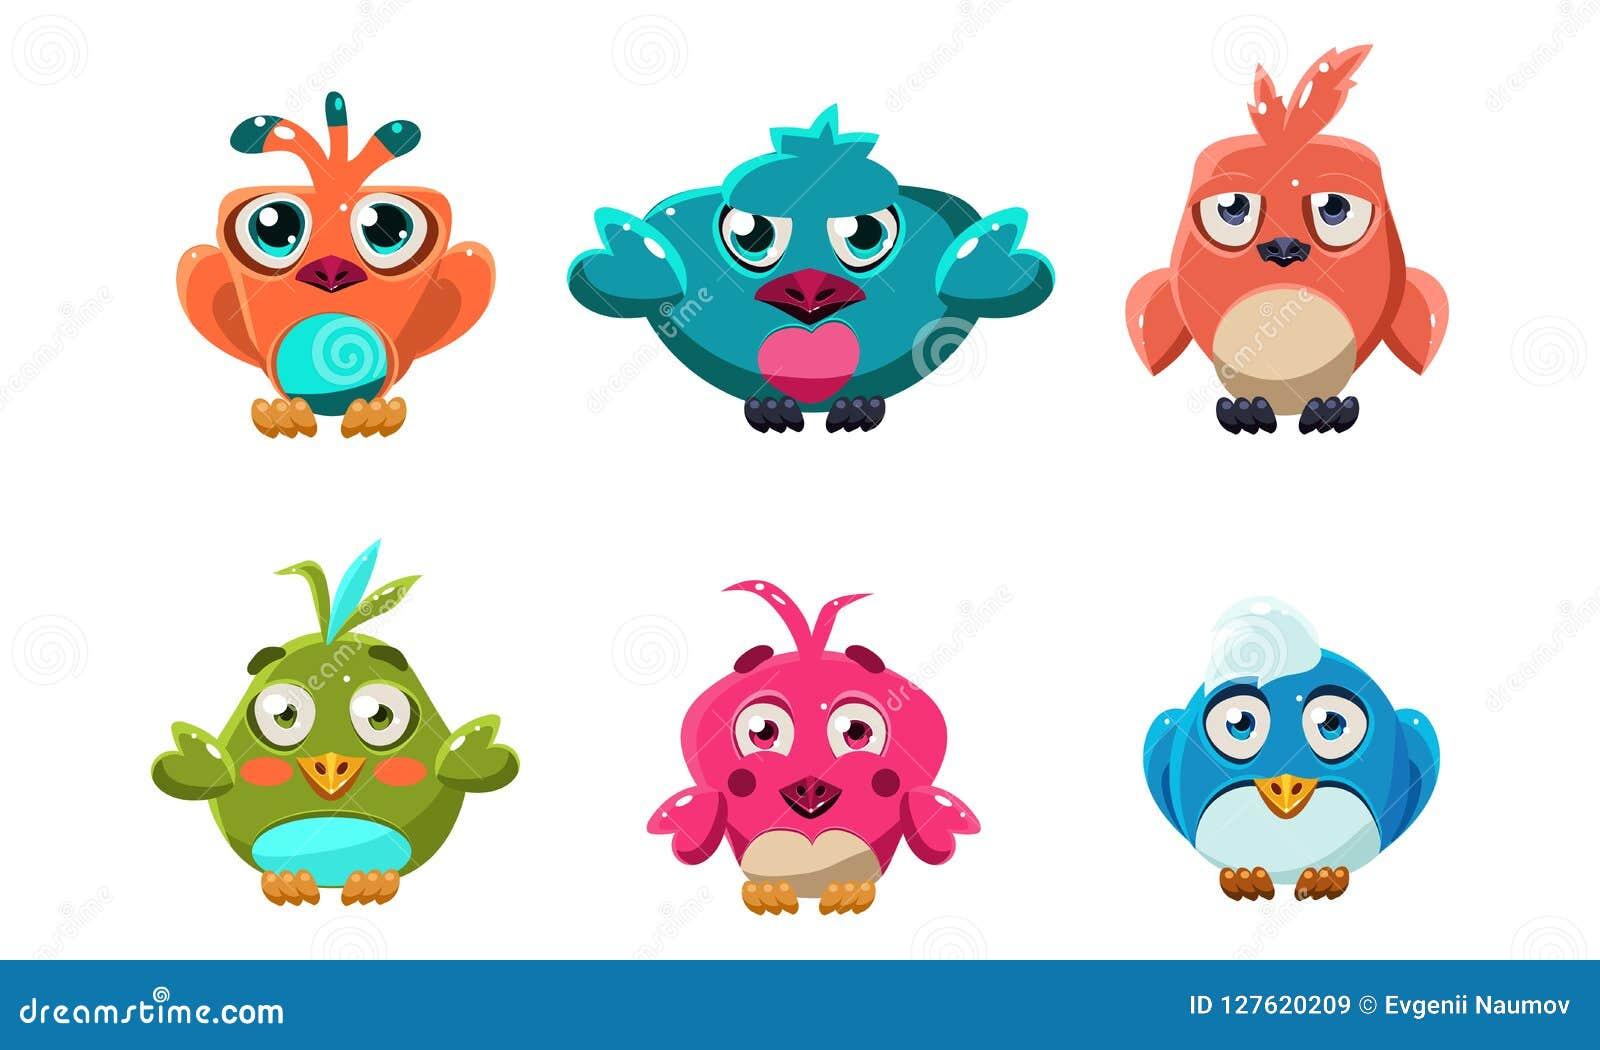 De leuke kleine vogels plaatsen, grappige kleurrijke beeldverhaal glanzende vogel, gebruikersinterfaceactiva voor mobiele apps of